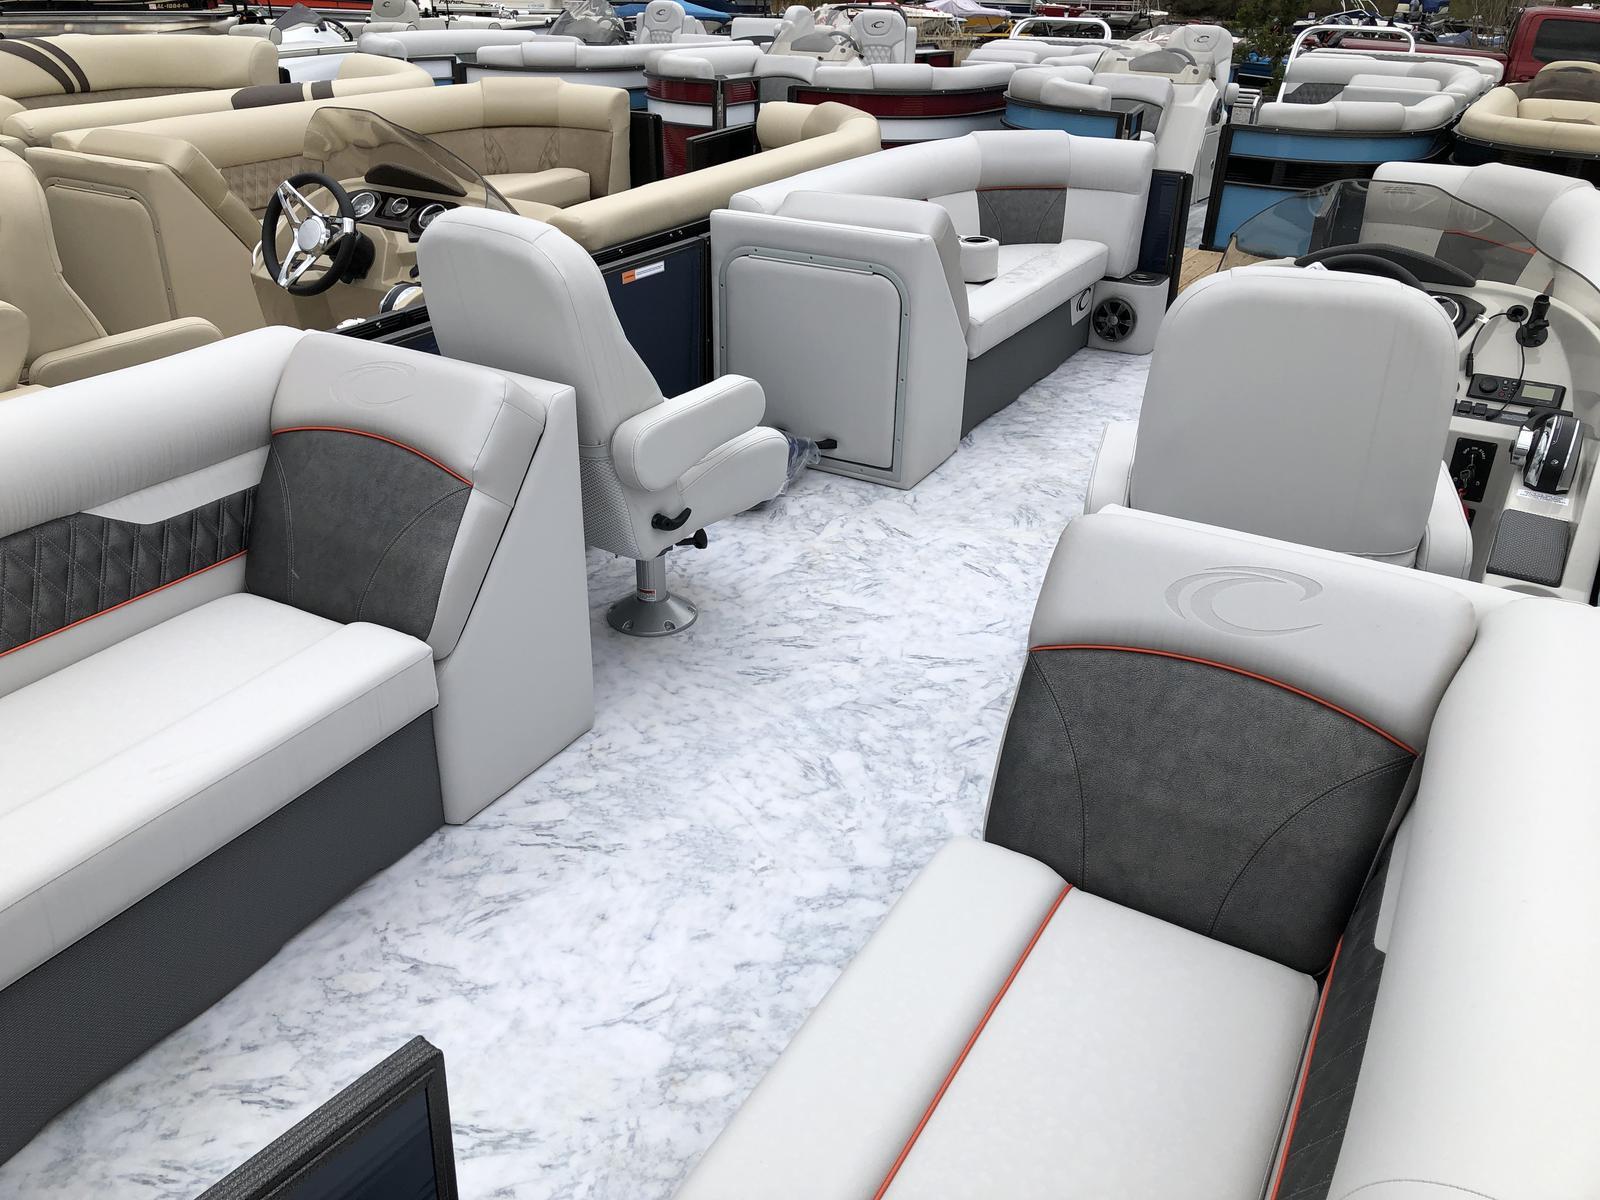 2019 Crest Pontoons Crest II 220 SLC CPT for sale in